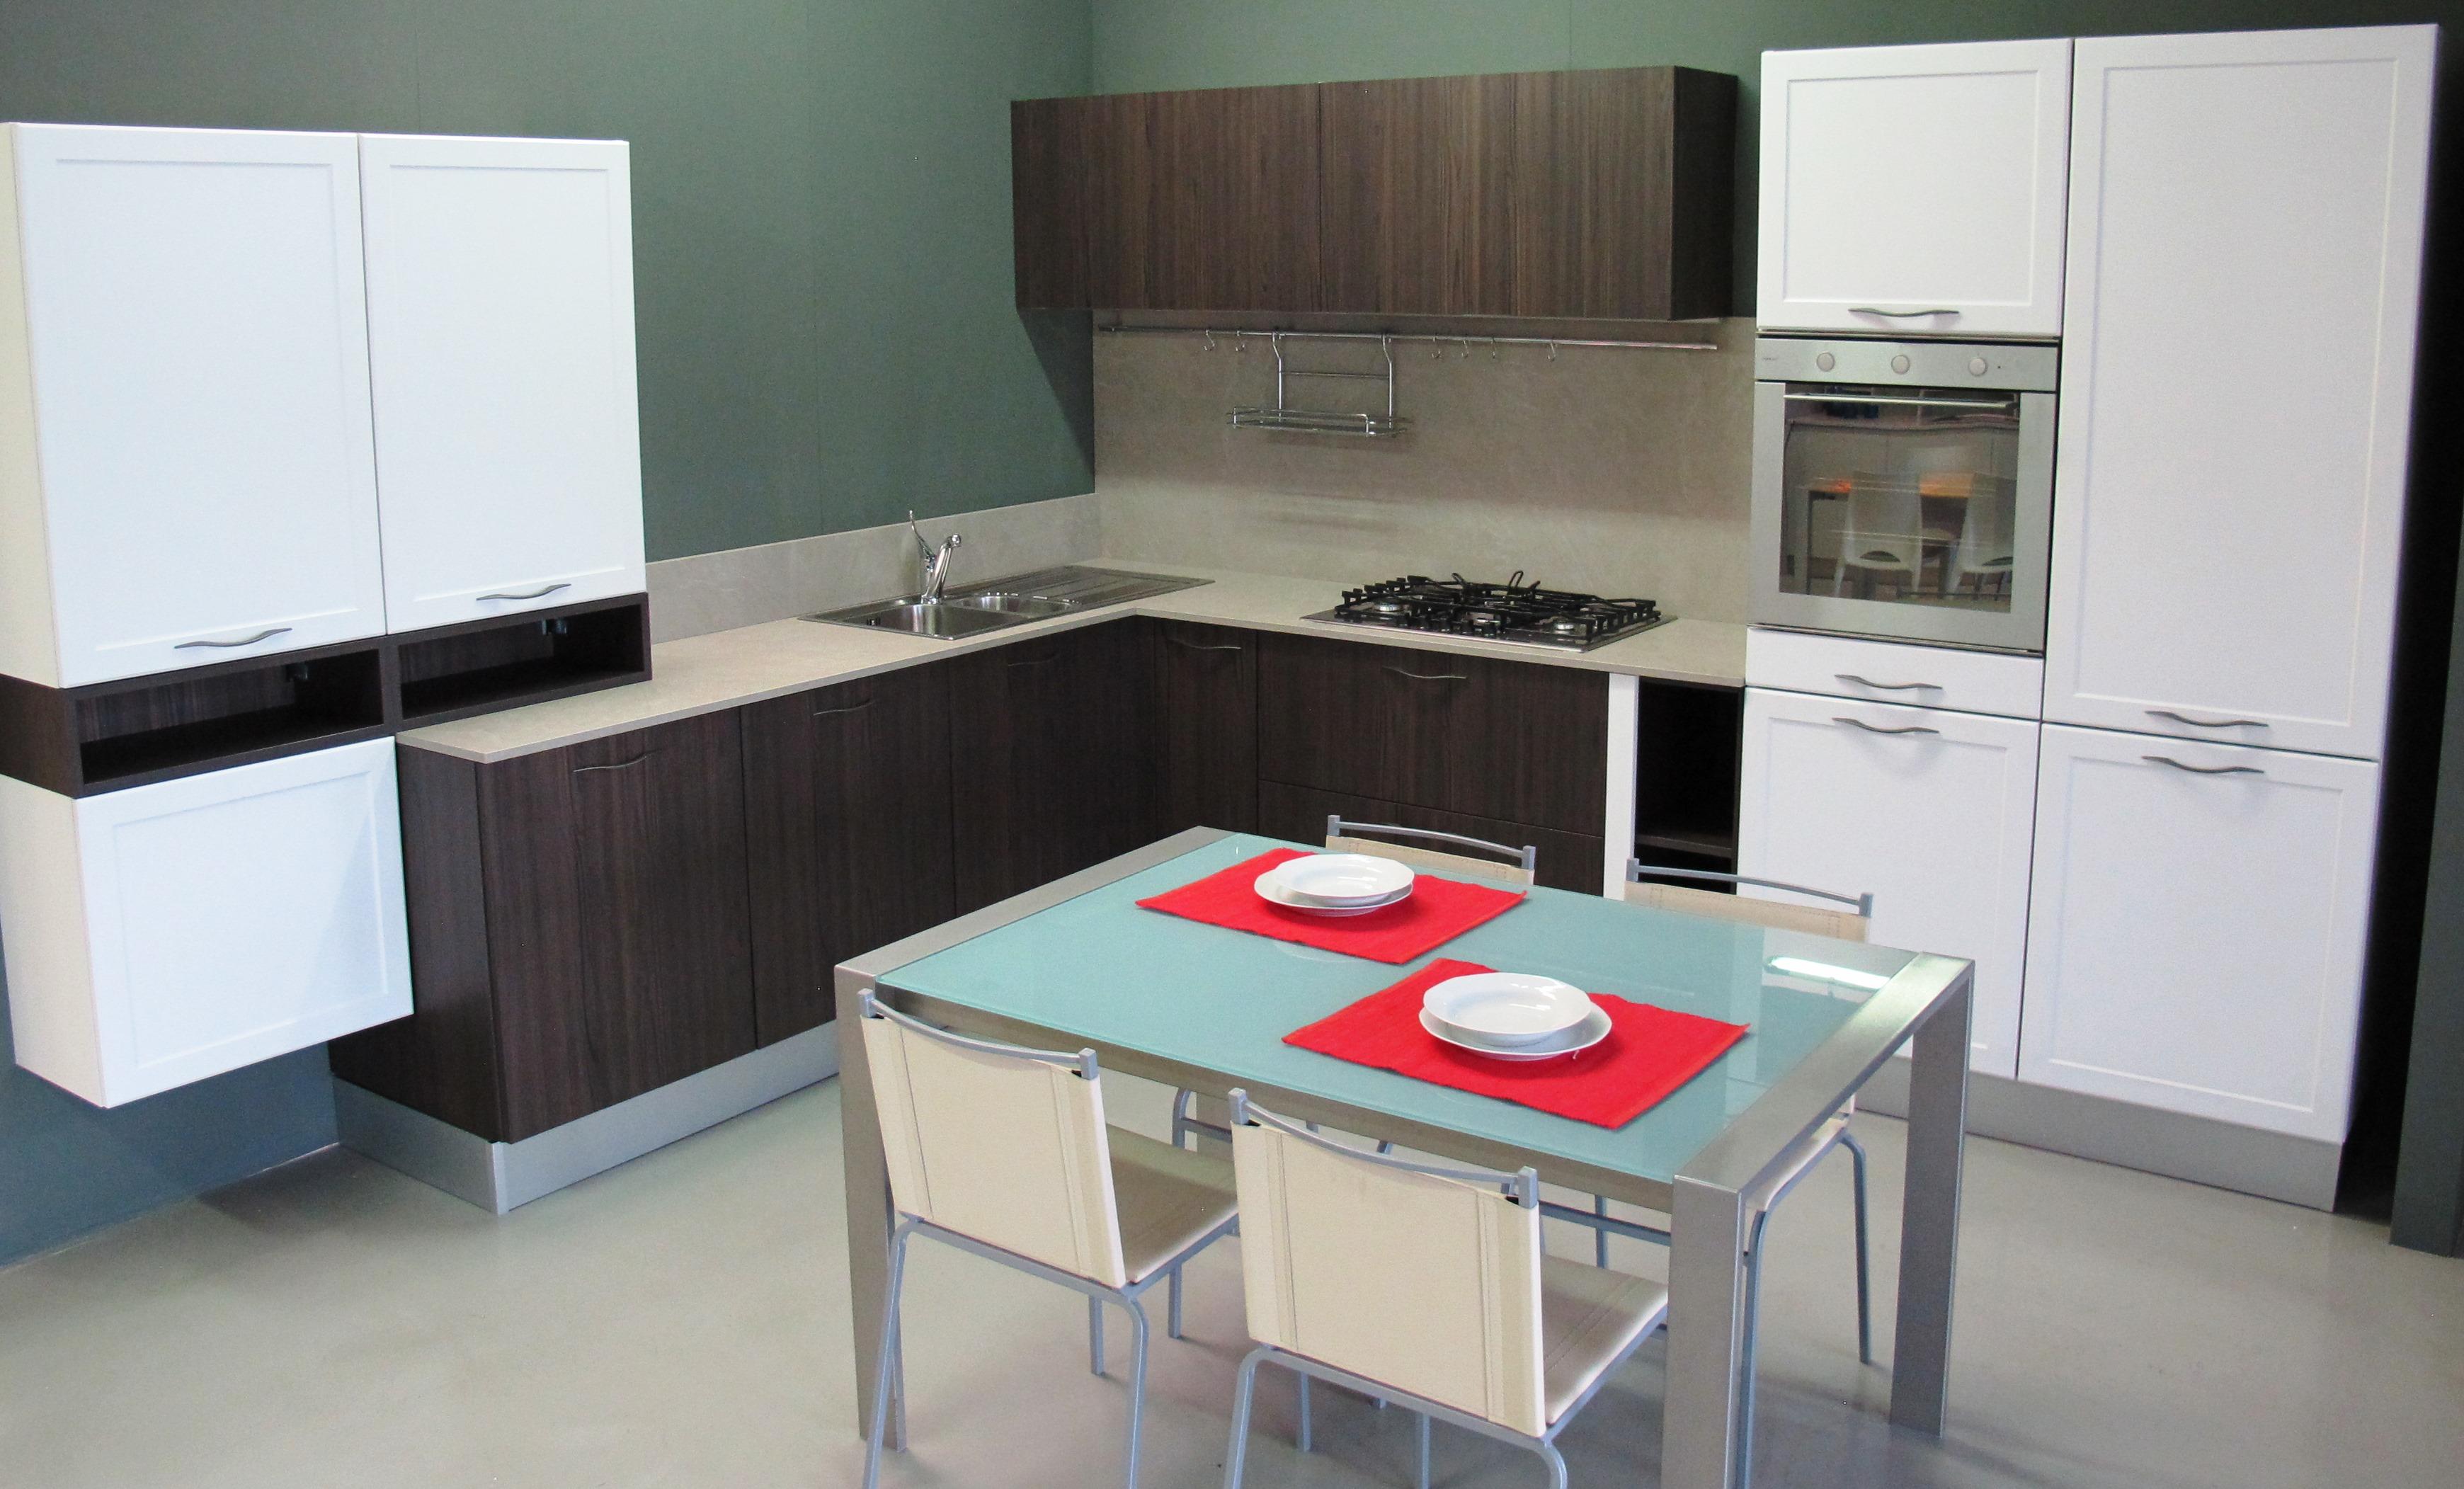 Occasioni Visma Arredo: prezzi cucine, soggiorni, divani, camere dei ...